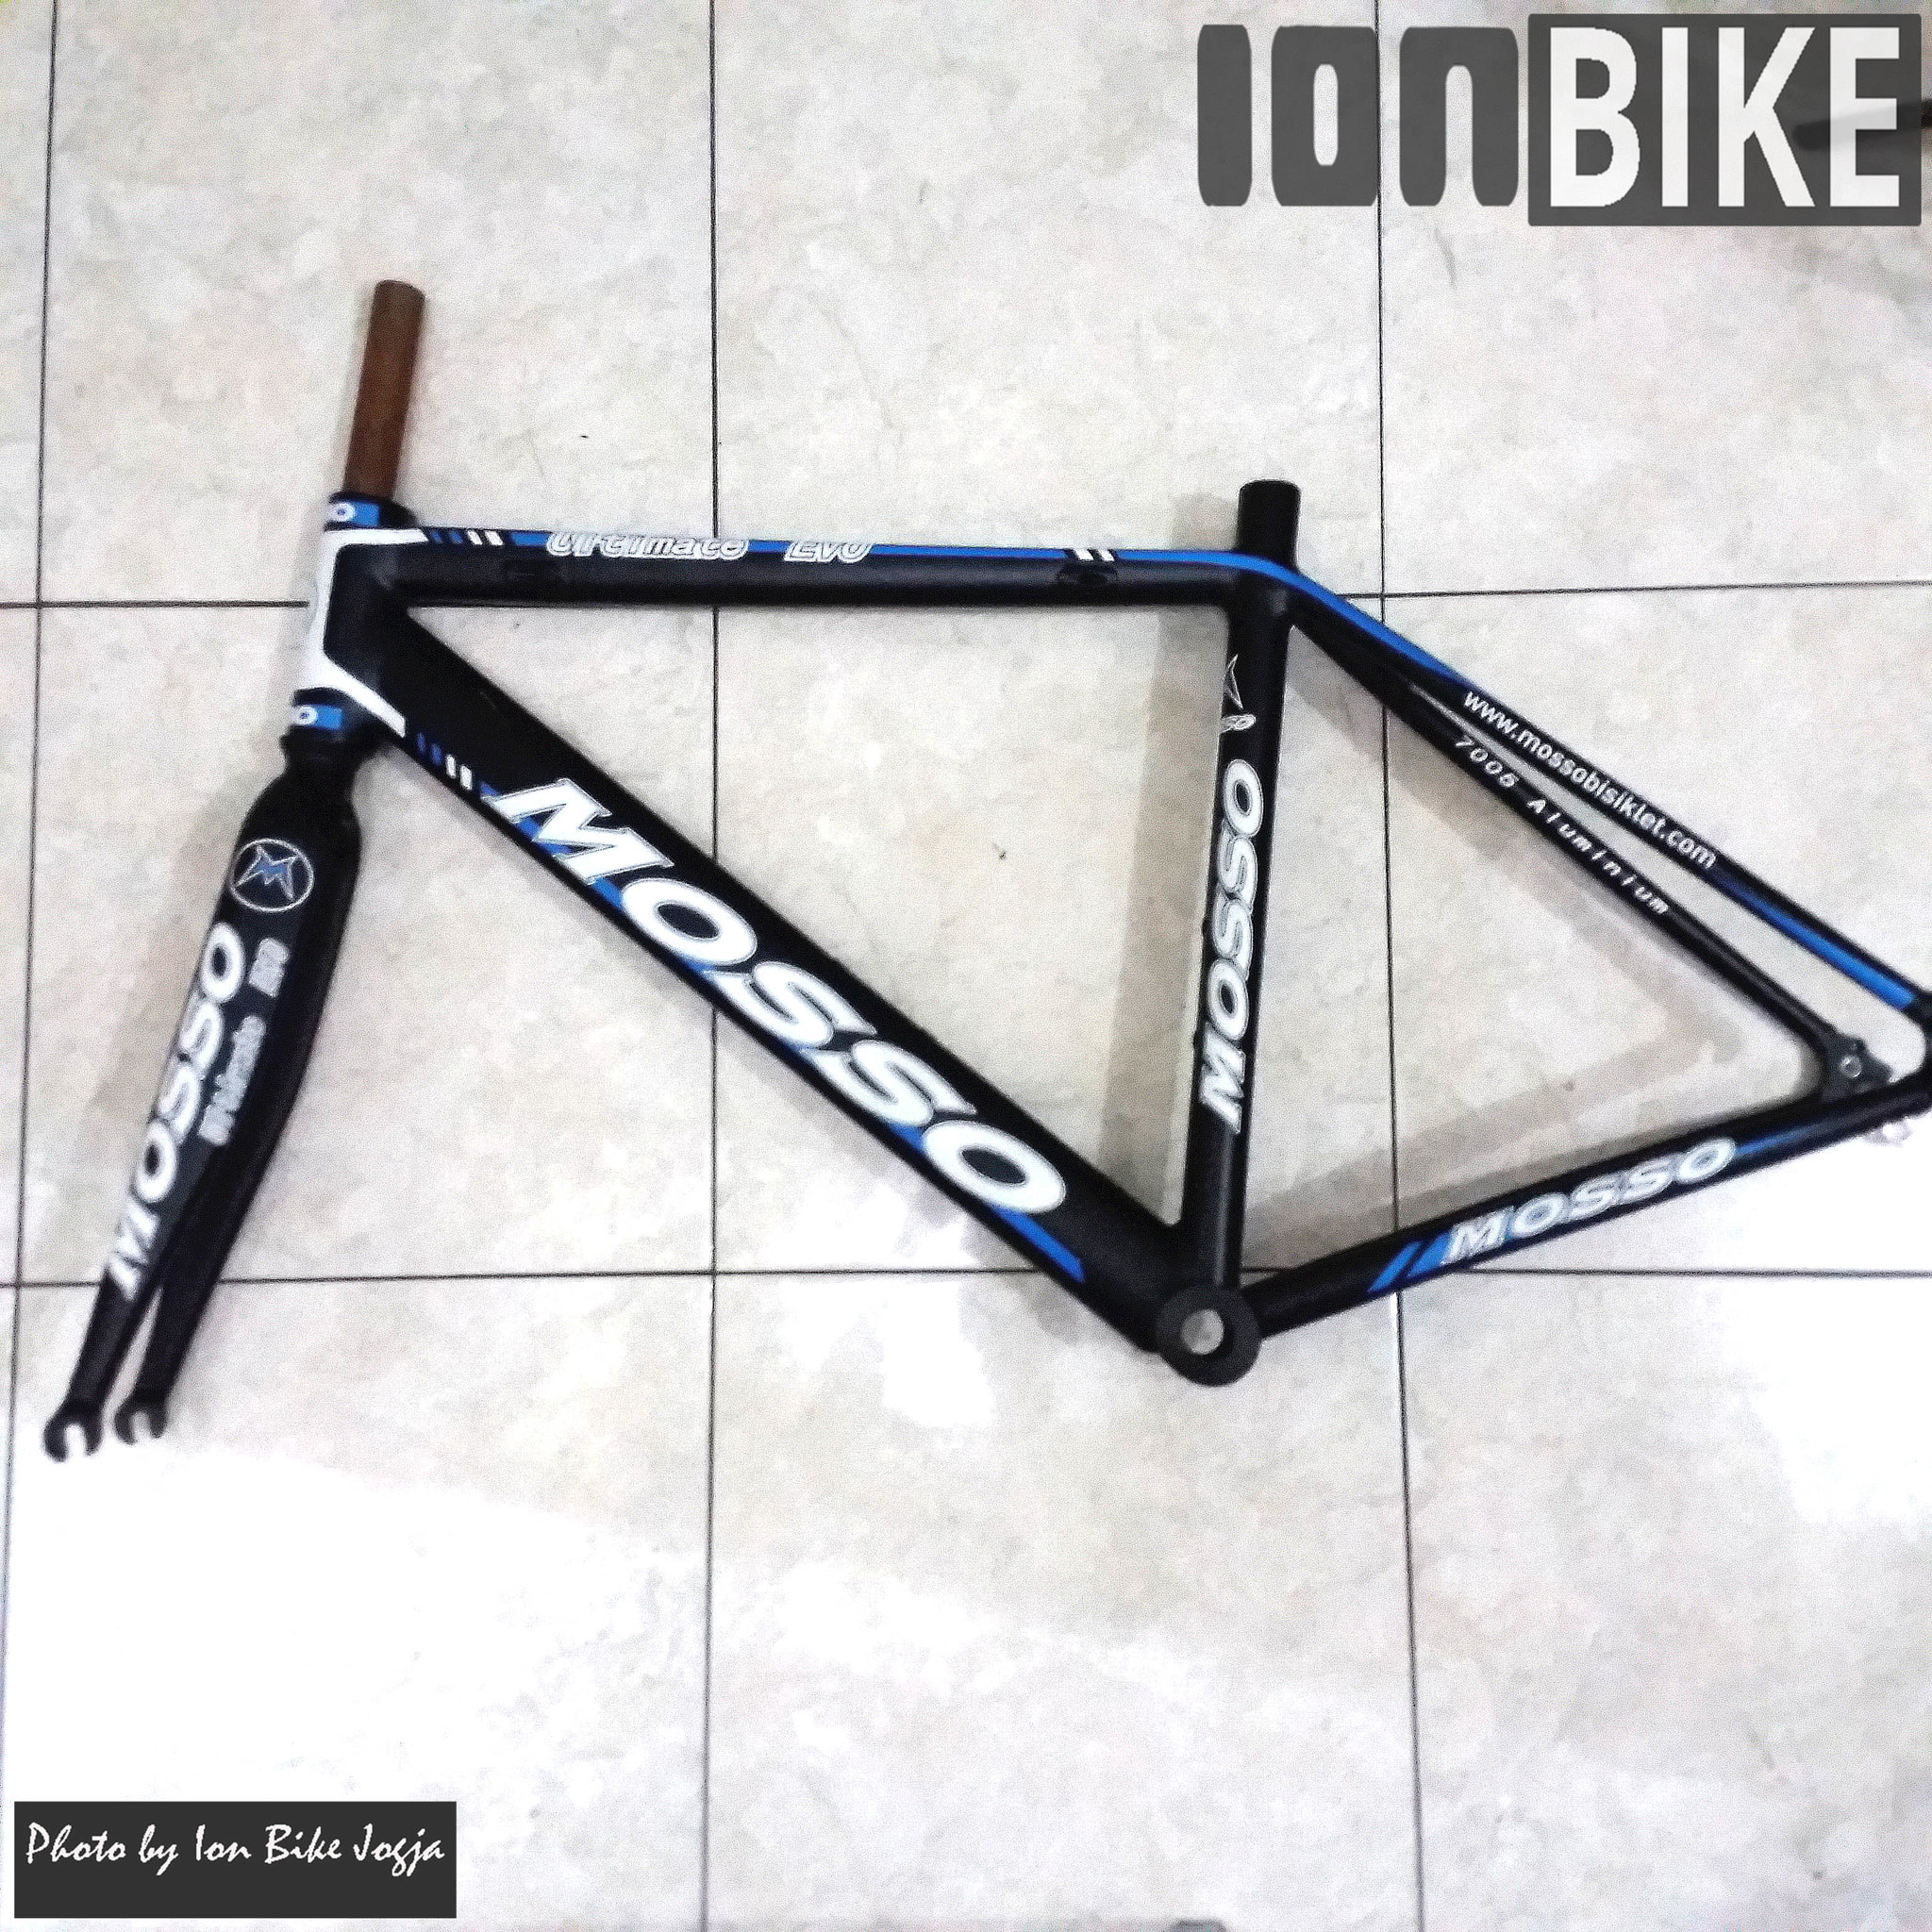 Jual Frame Road Bike - Page 7 - Frame Design & Reviews ✓